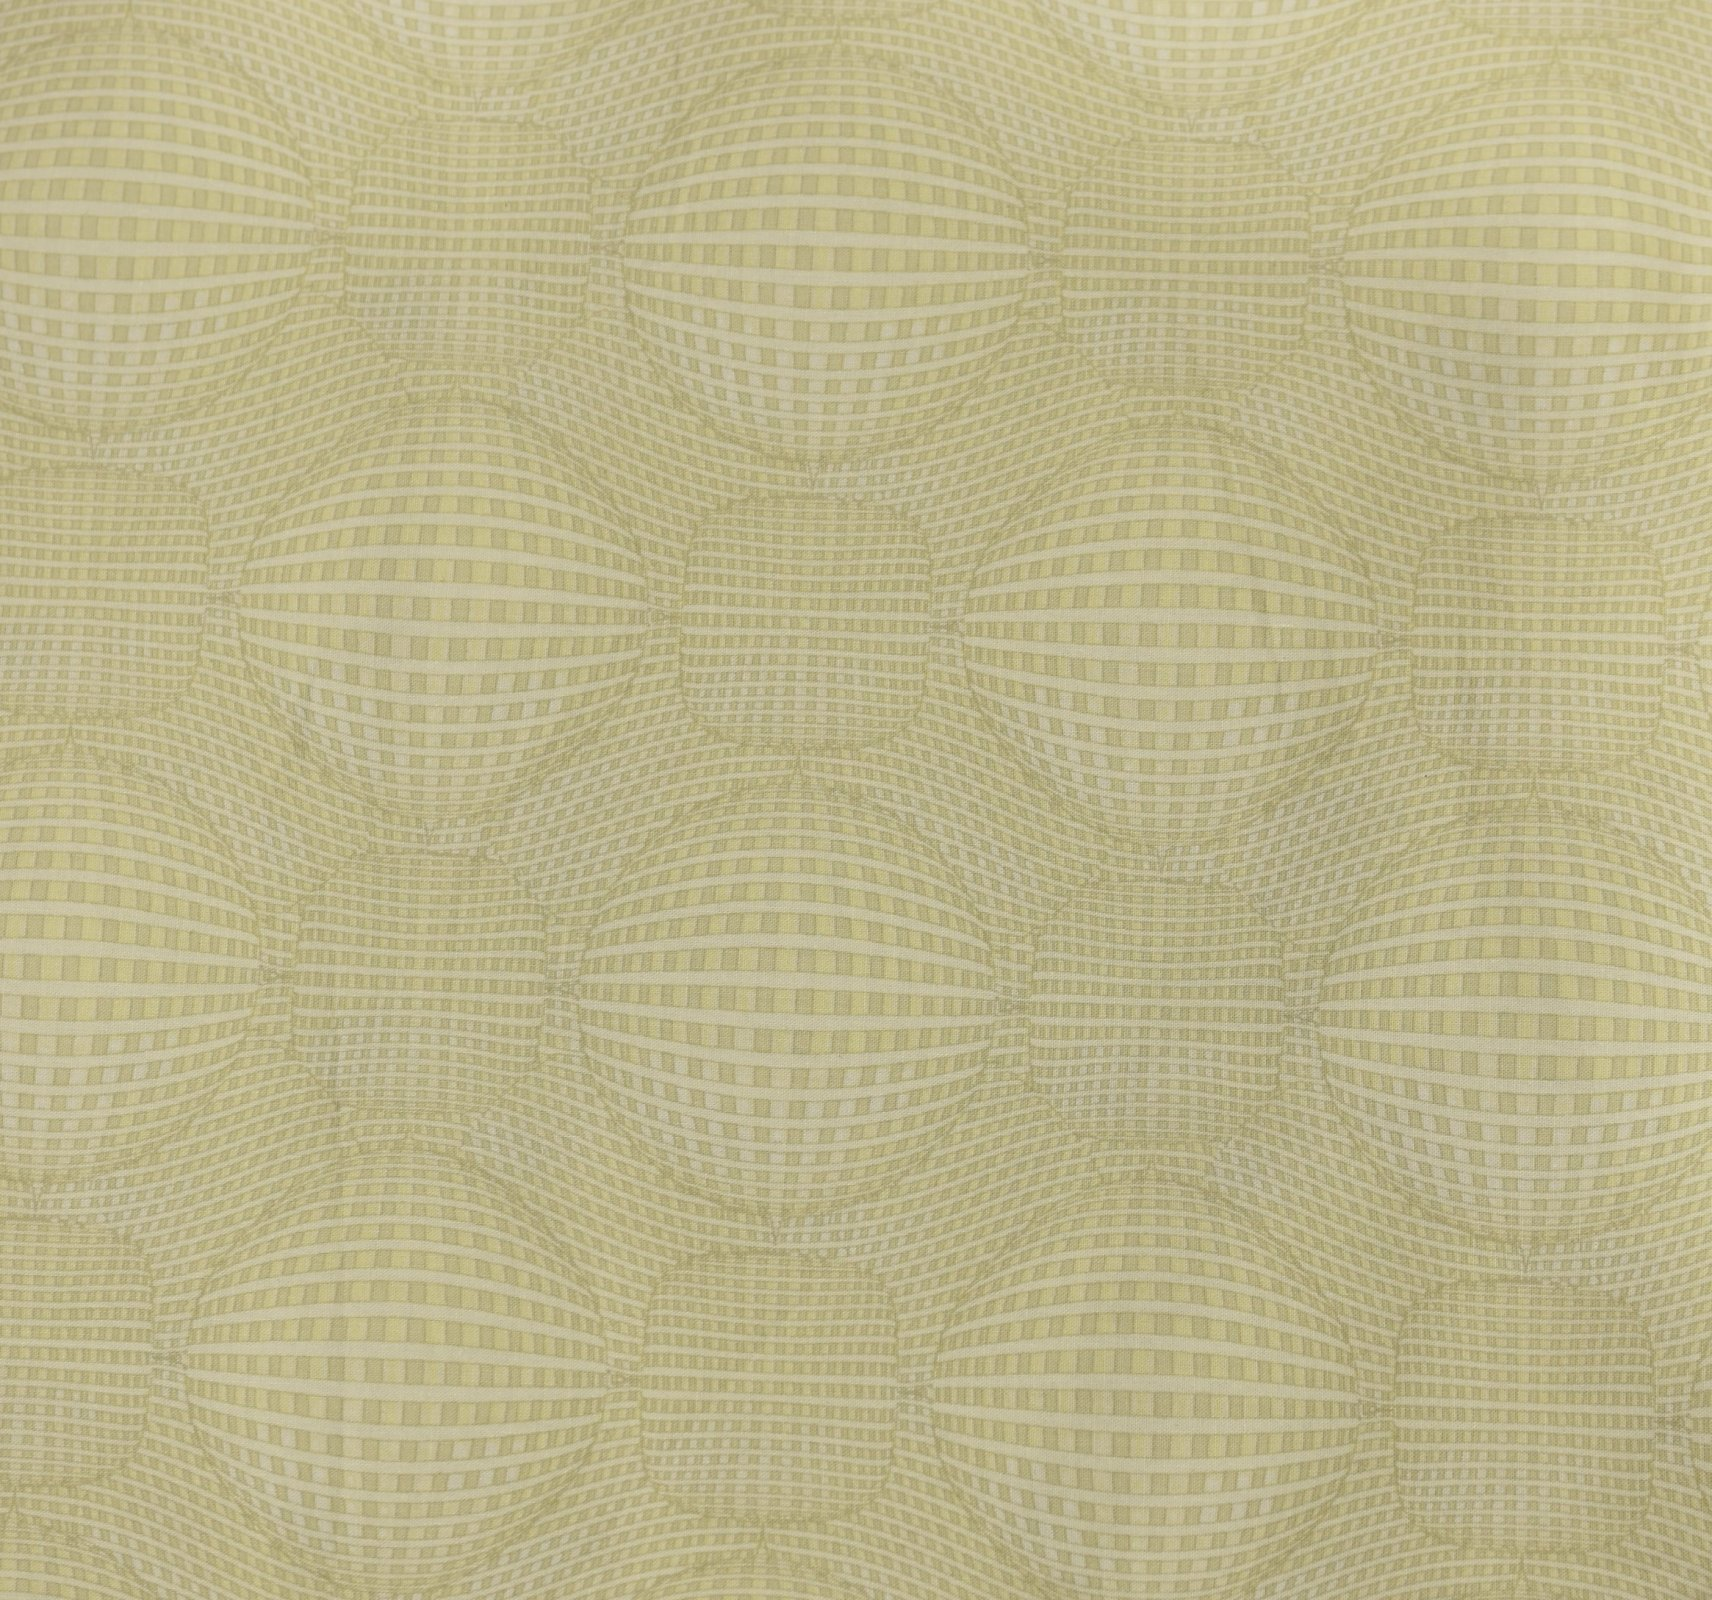 Kei Textiles - Rythme - Graphic Sphere - Creams